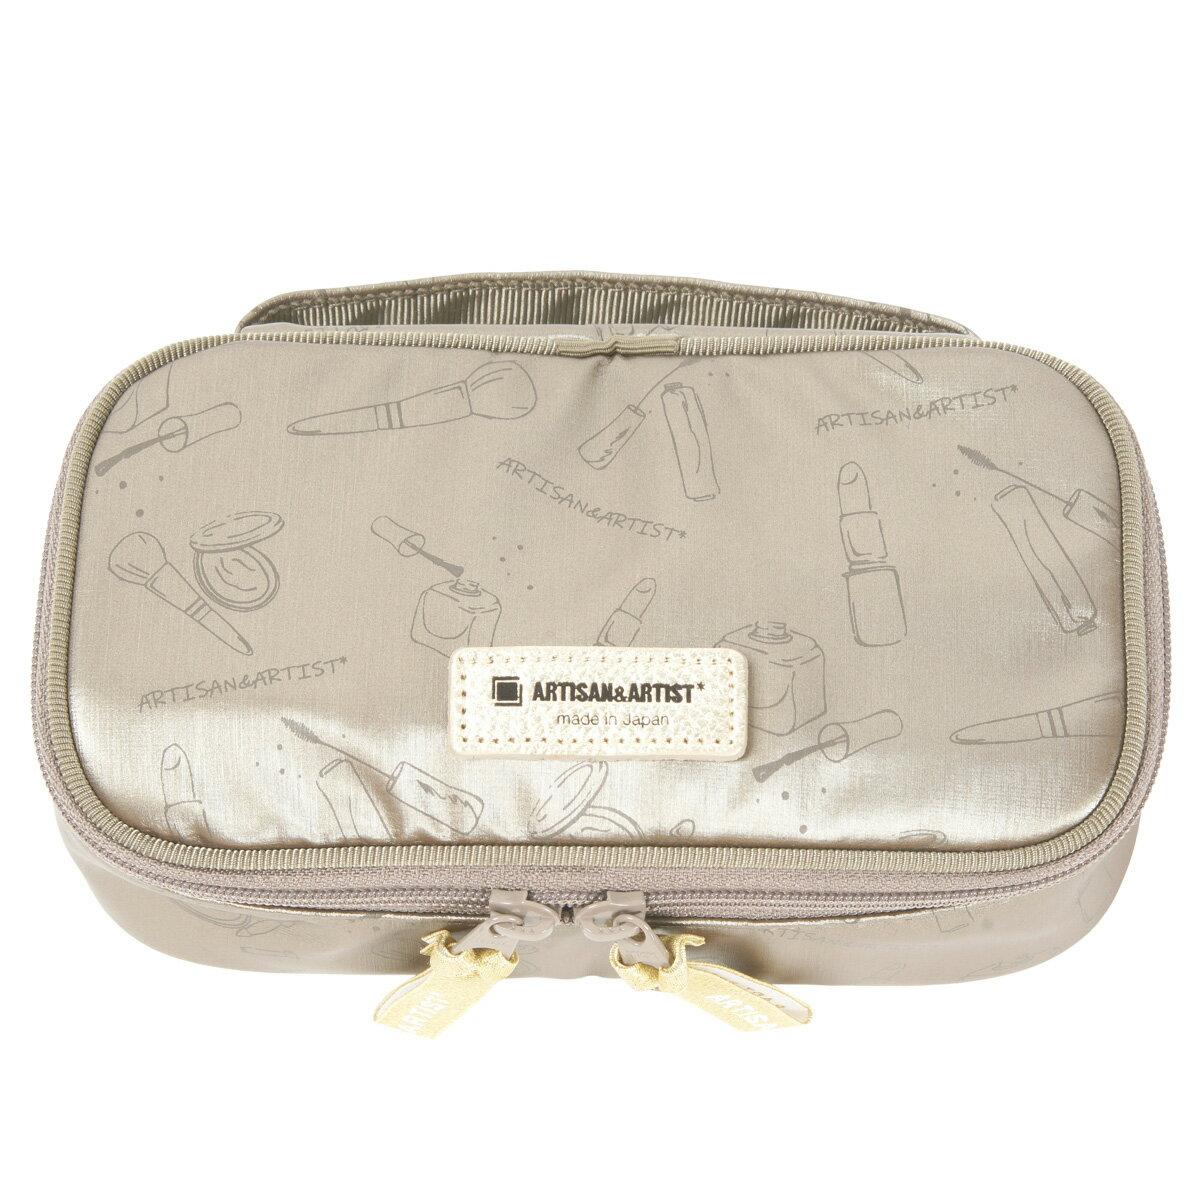 レディースバッグ, 化粧ポーチ 1000OFF ARTISANARTIST HANDY MAKEUP DRESSER MINI XWP-CP601